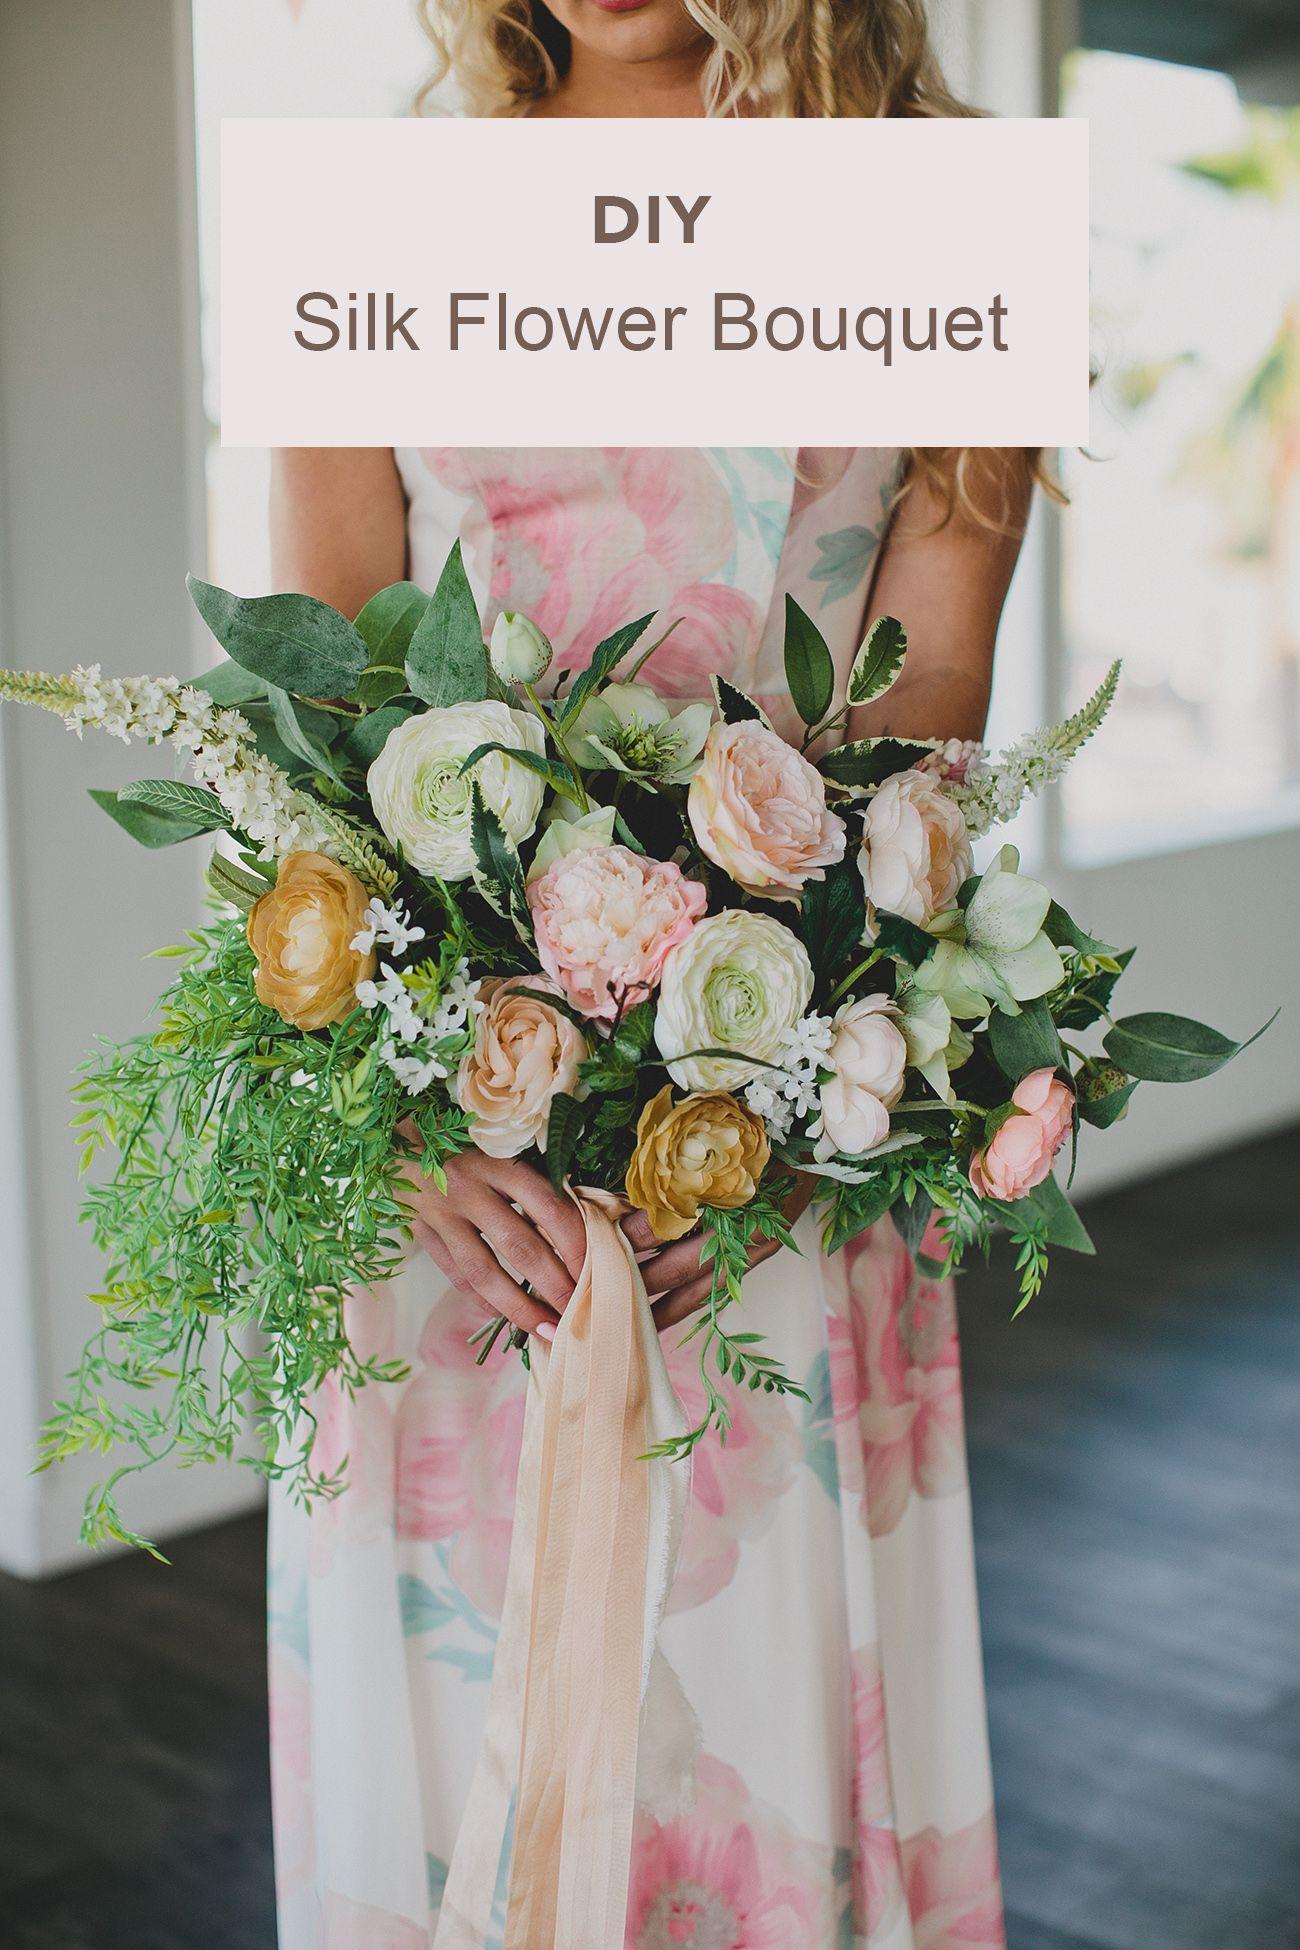 DIY Silk Flower Bouquet for an Elopement Wedding